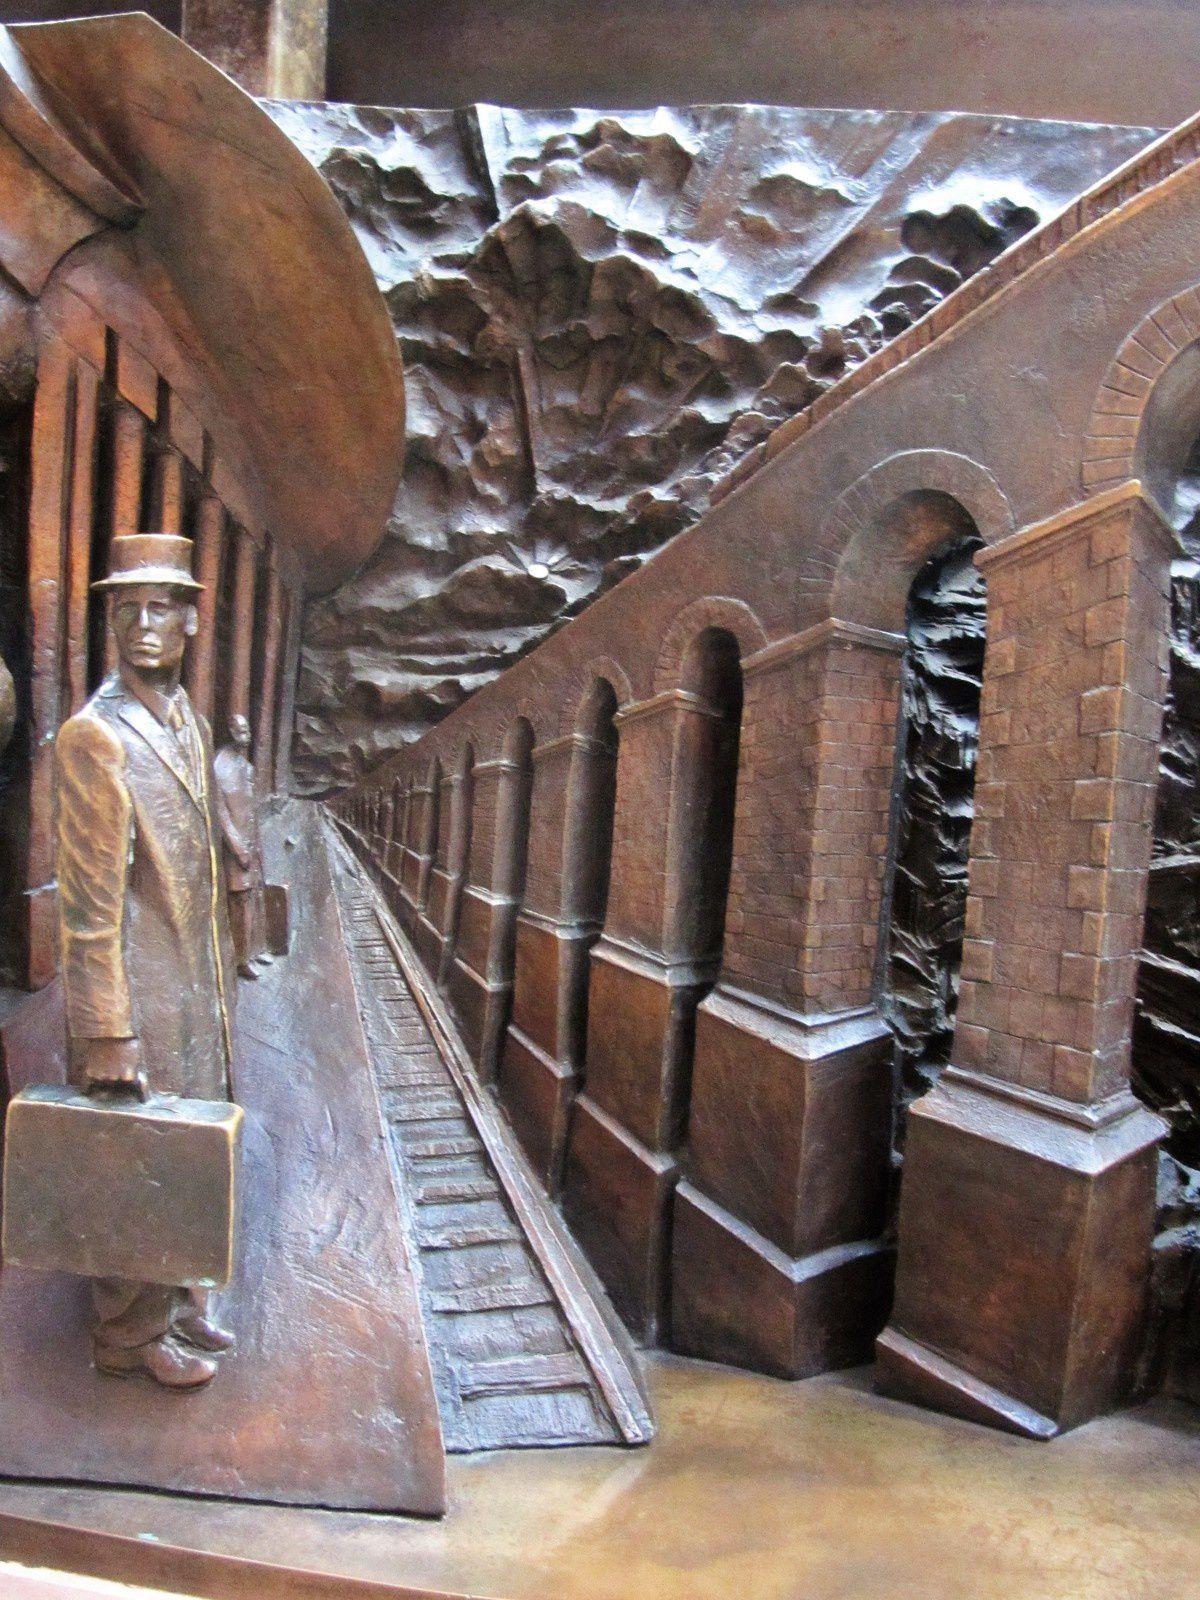 """Sur le socle de la statue """"rendez-vous"""" de Paul Day, il y a quelques évocations de voyage en train."""